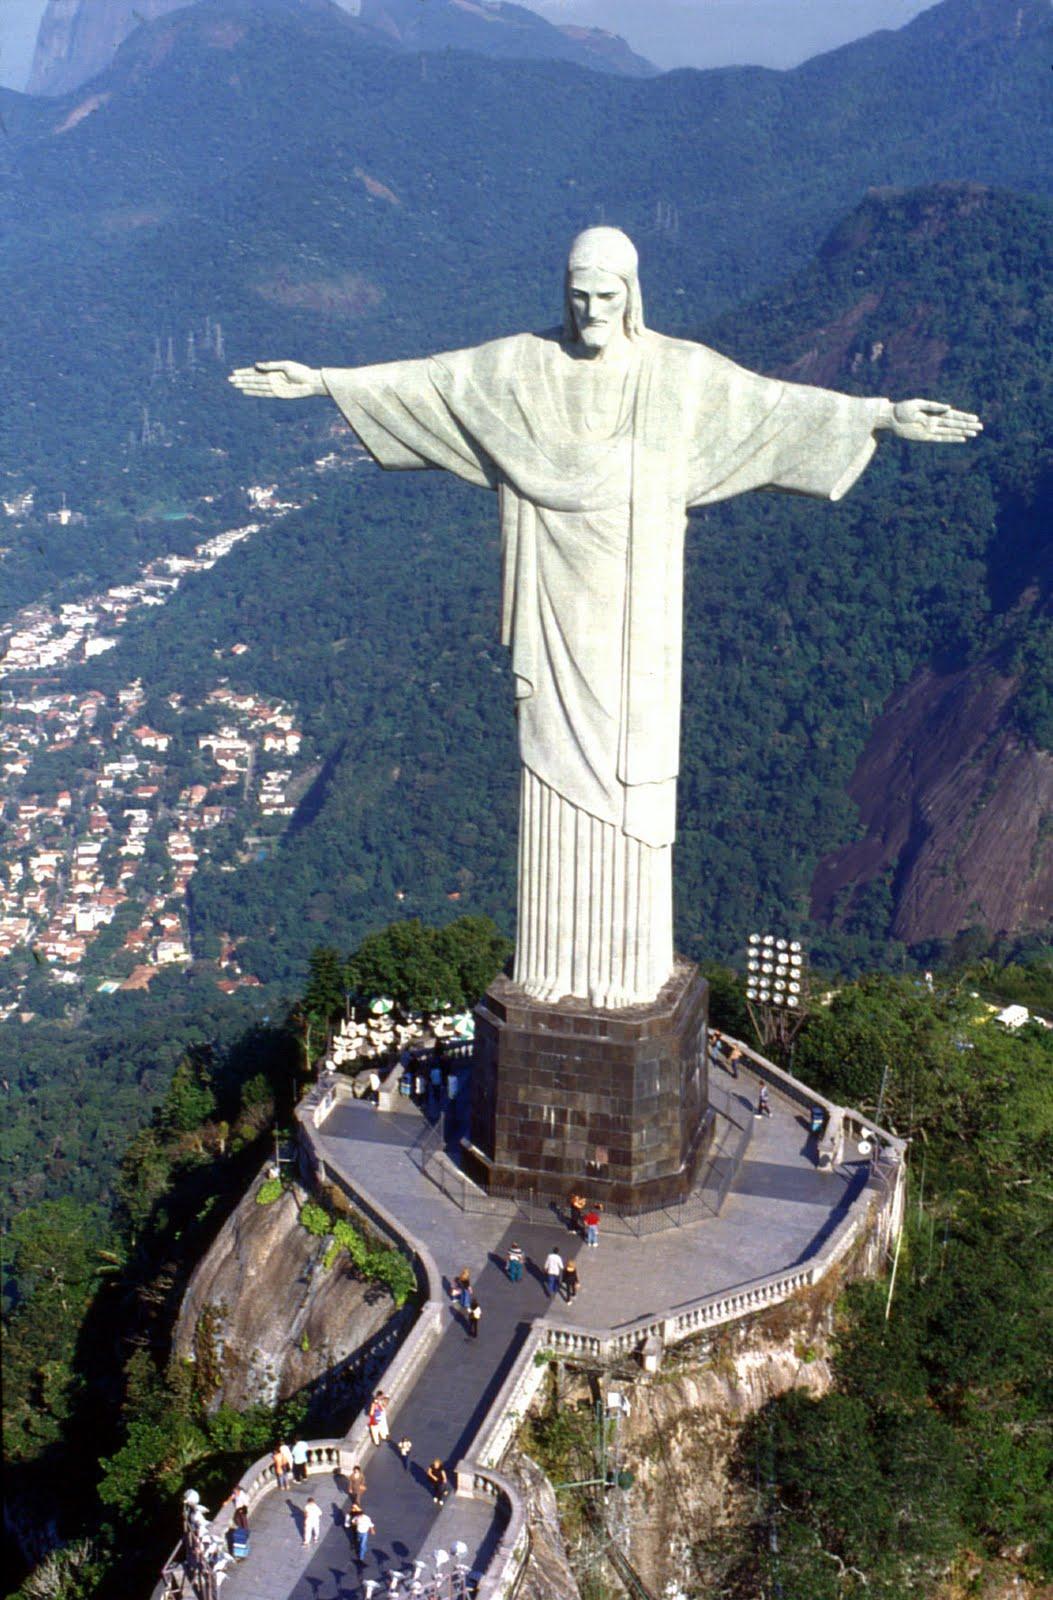 Travelance: Rio De' Janeiro